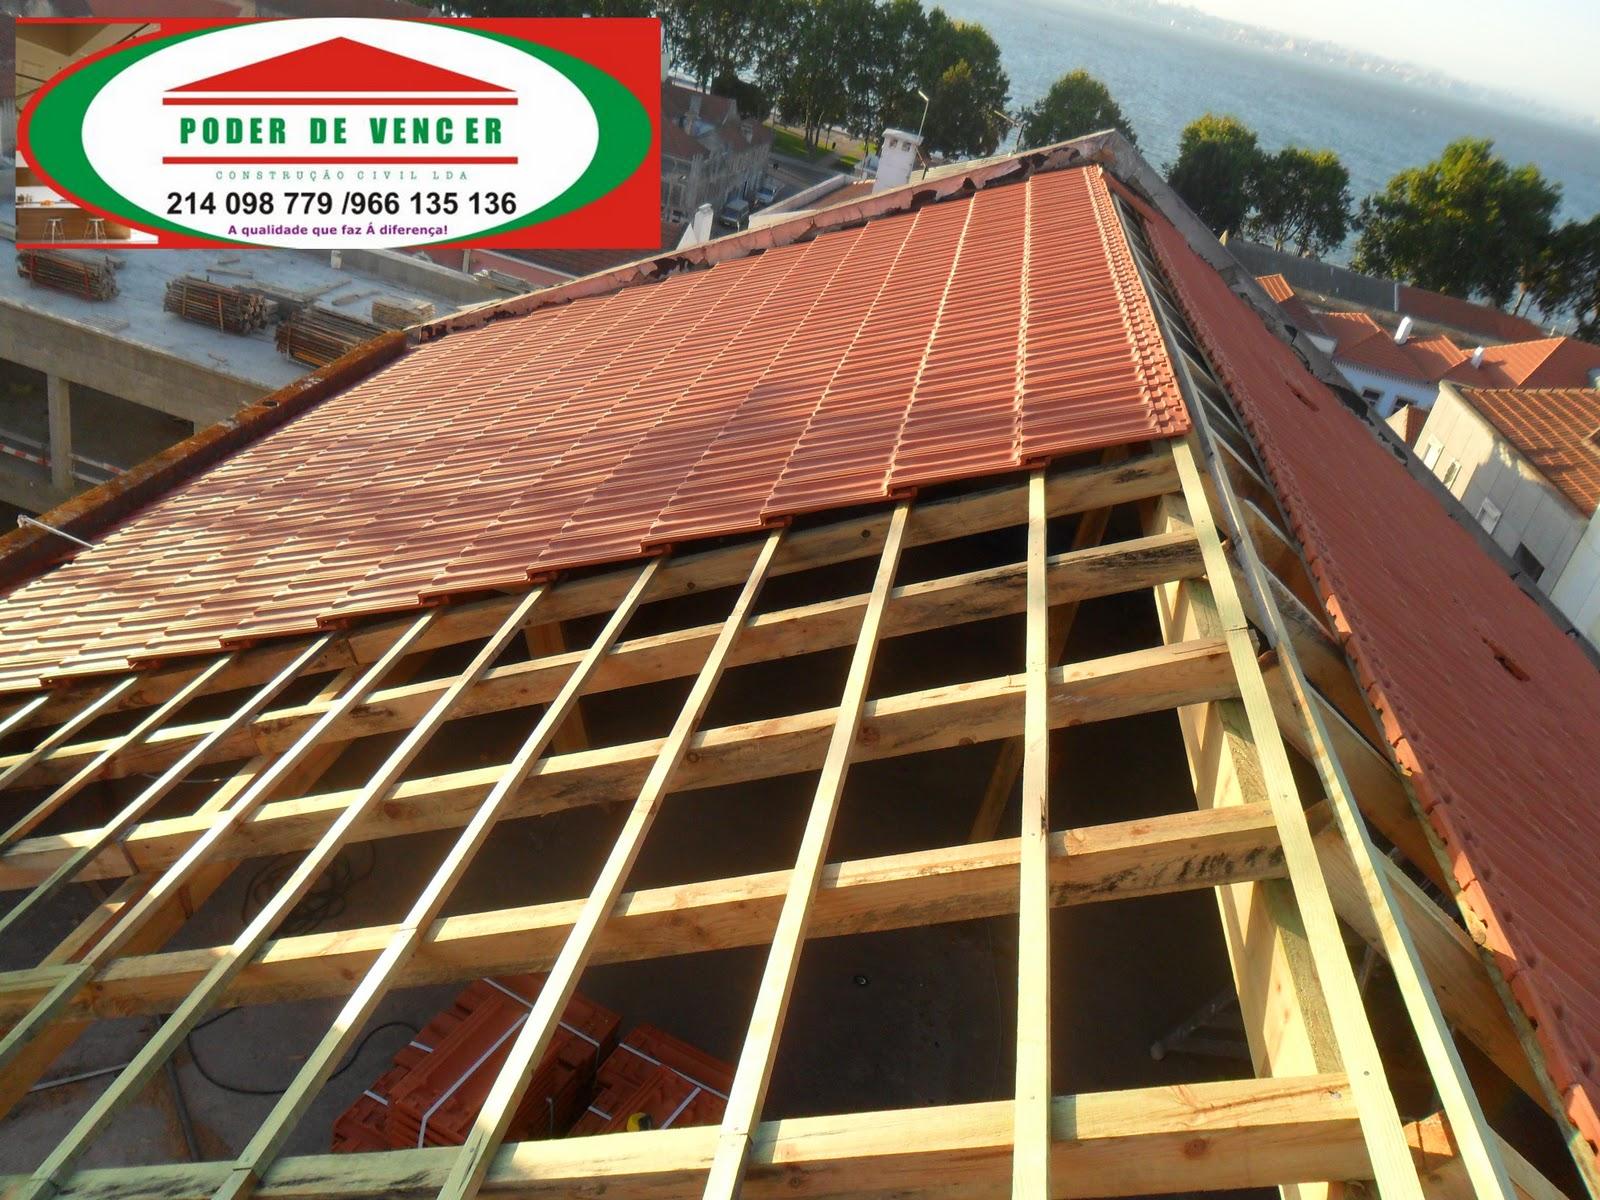 Toldos & Telhados coberturas & telhados: TELHADOS #B1211A 1600x1200